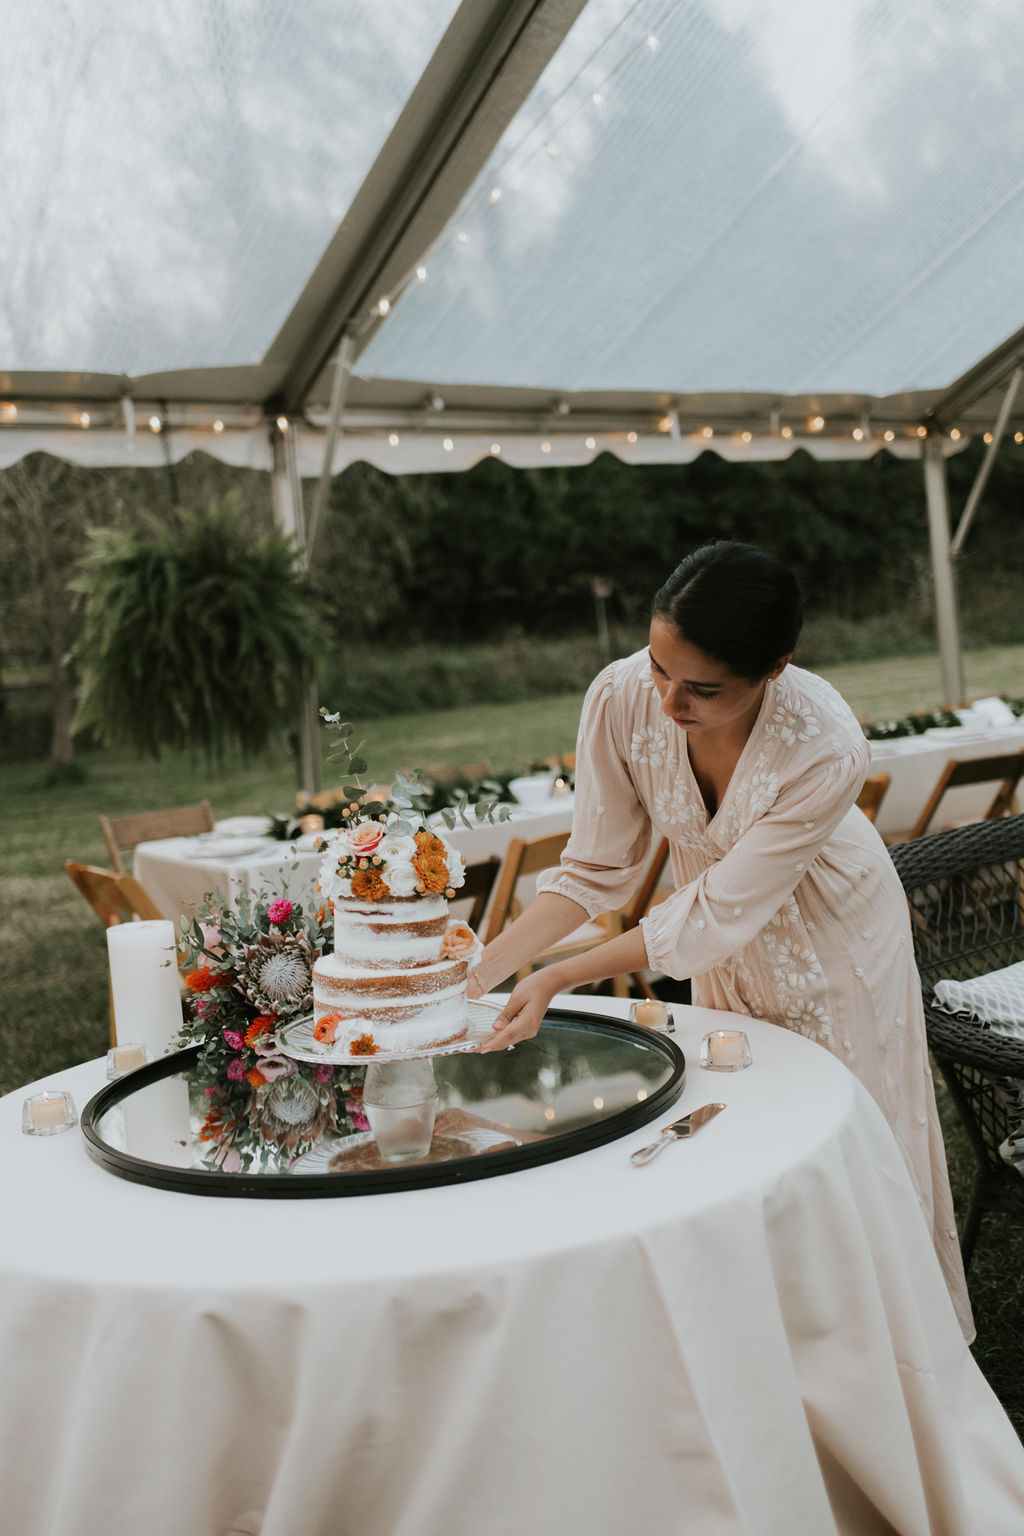 backyard-wedding-cake-cincinnati-wedding-planner.jpg